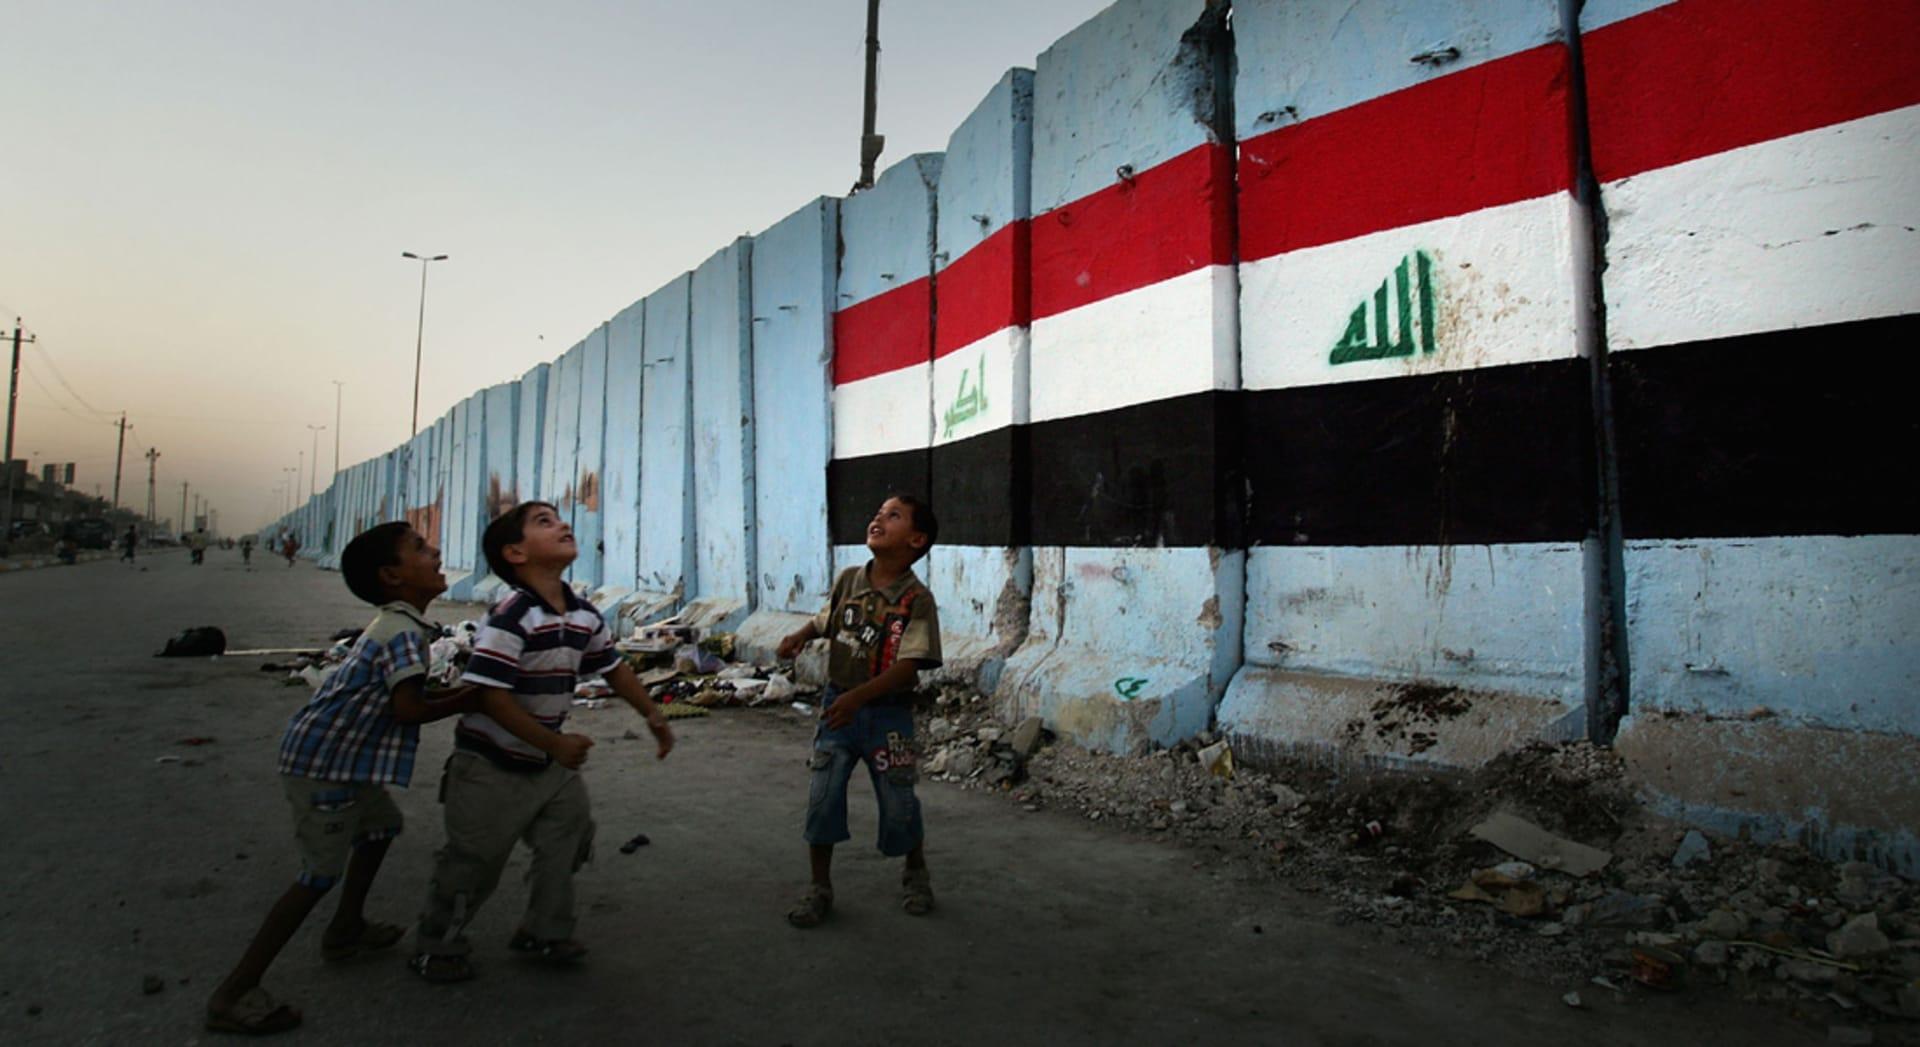 أطفال نازحون بمخيم ديبكة بالعراق يروون معاناتهم